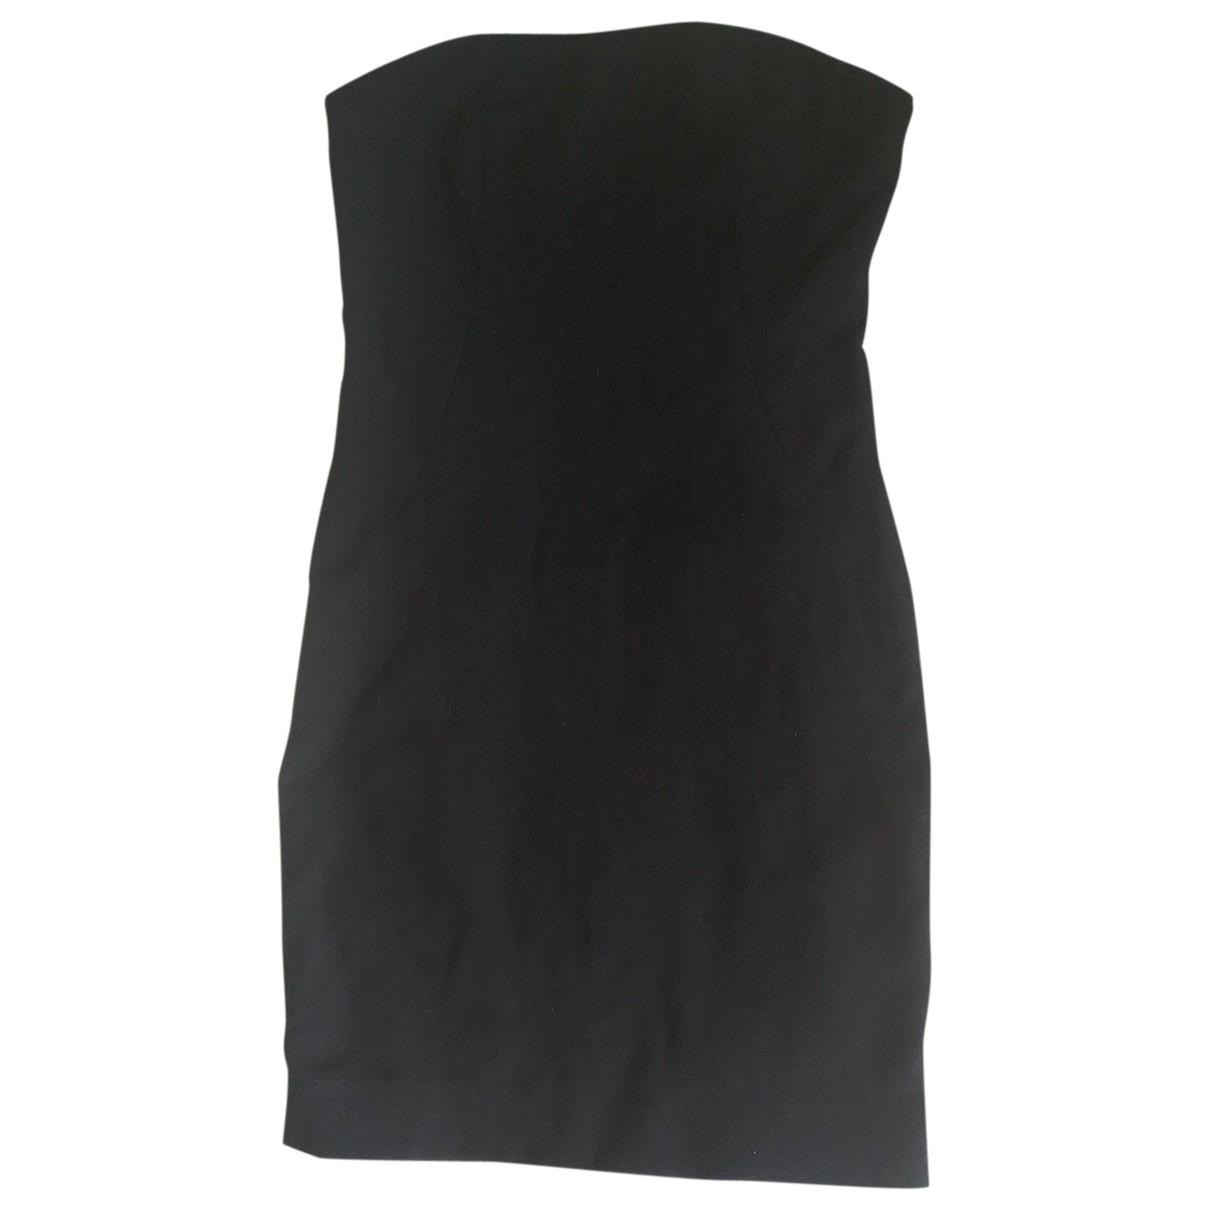 Sandro \N Black dress for Women 36 FR